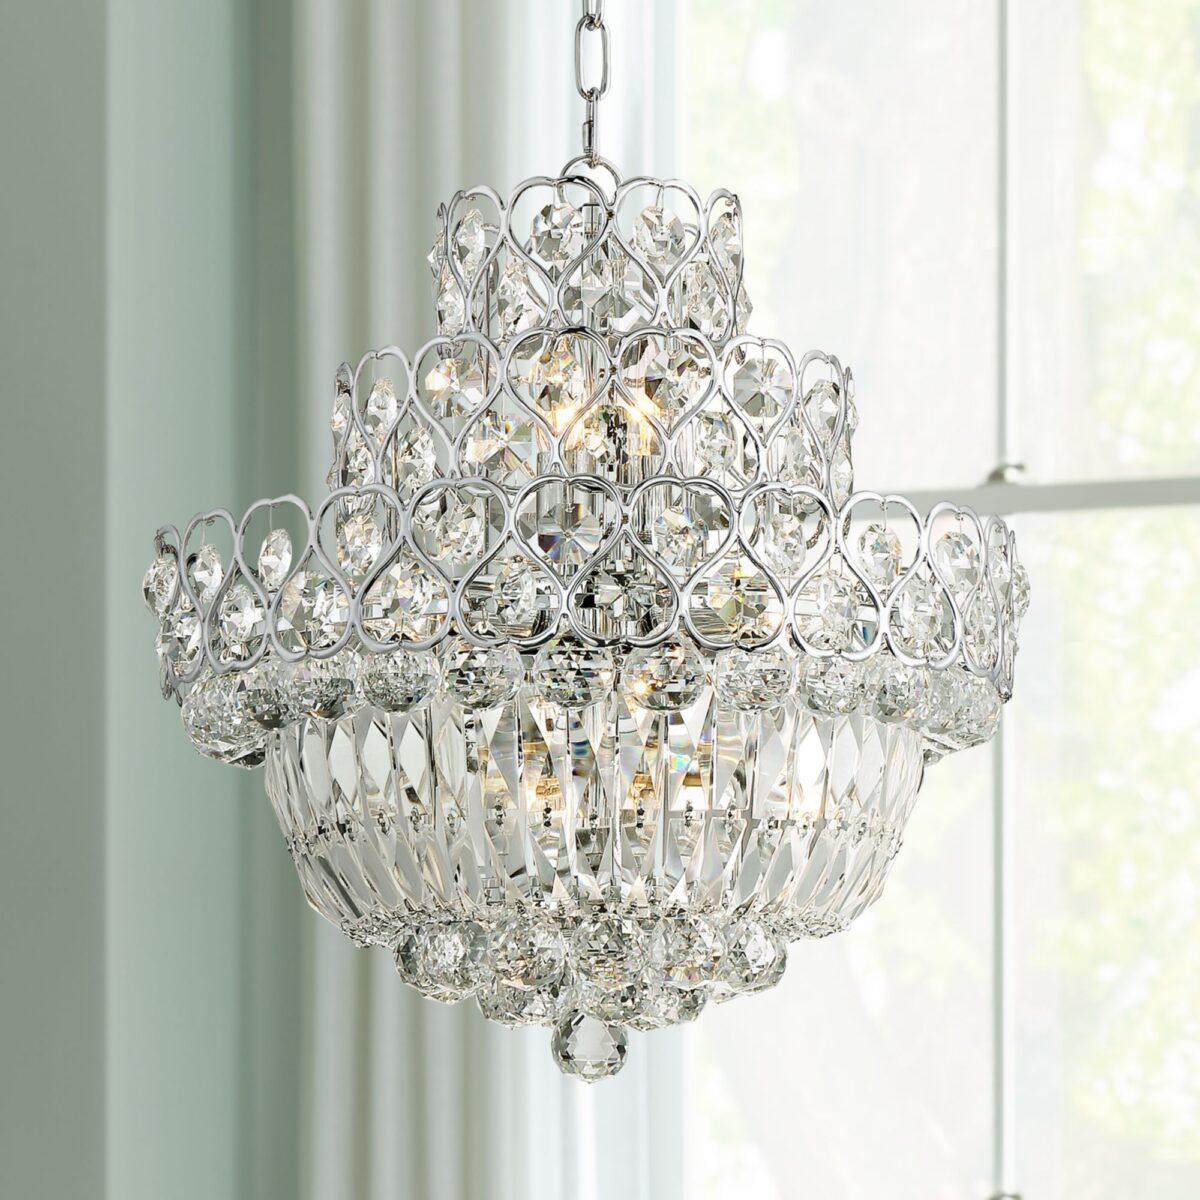 Sono queste le tre principali caratteristiche che contraddistinguono i lampadari in cristallo presenti sul nostro sito. Come Pulire I Lampadari Di Cristallo